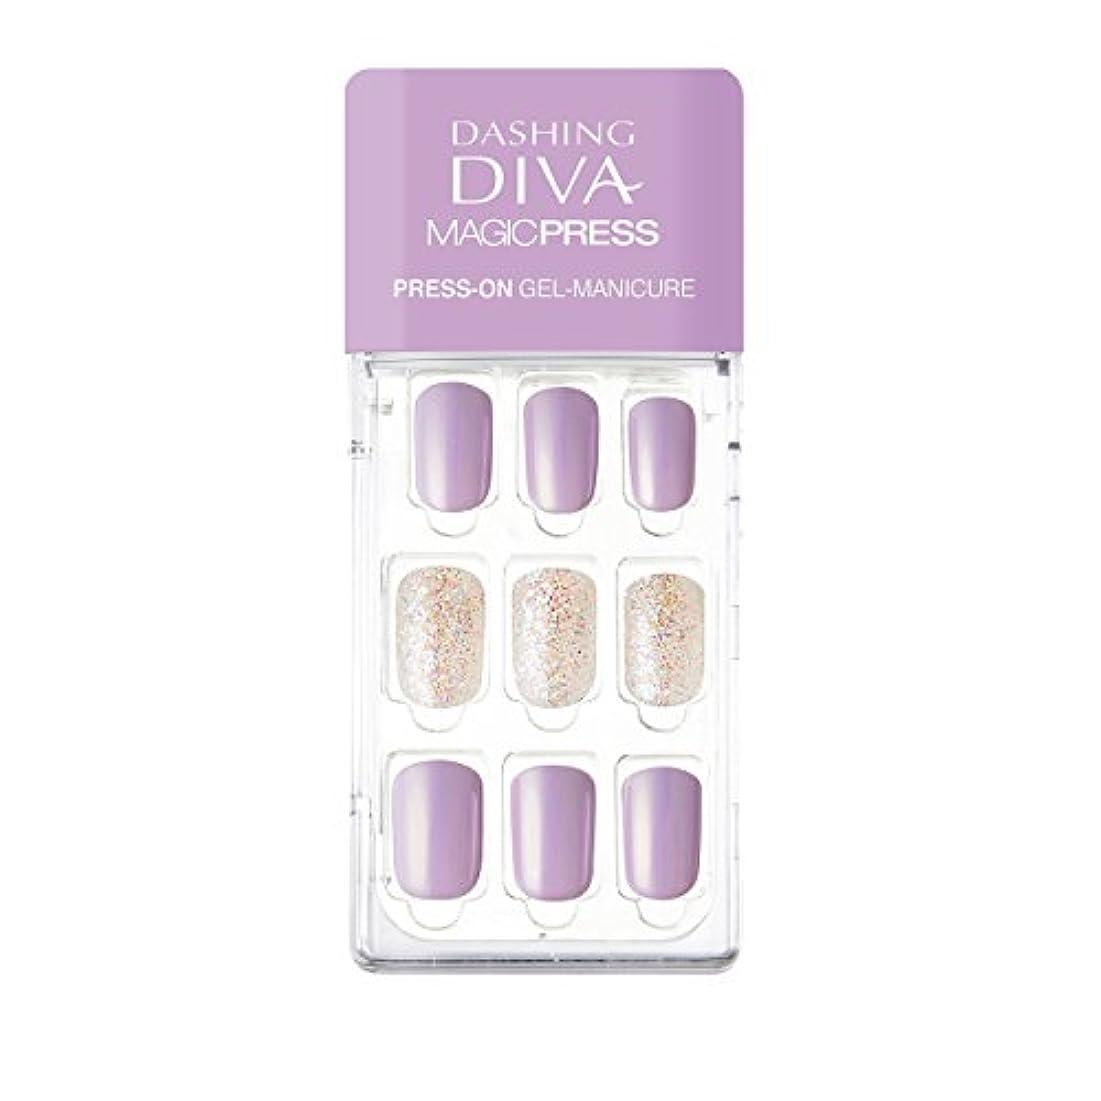 ホステスボトルロッドダッシングディバ マジックプレス DASHING DIVA MagicPress MDR139-DURY+ オリジナルジェル ネイルチップ